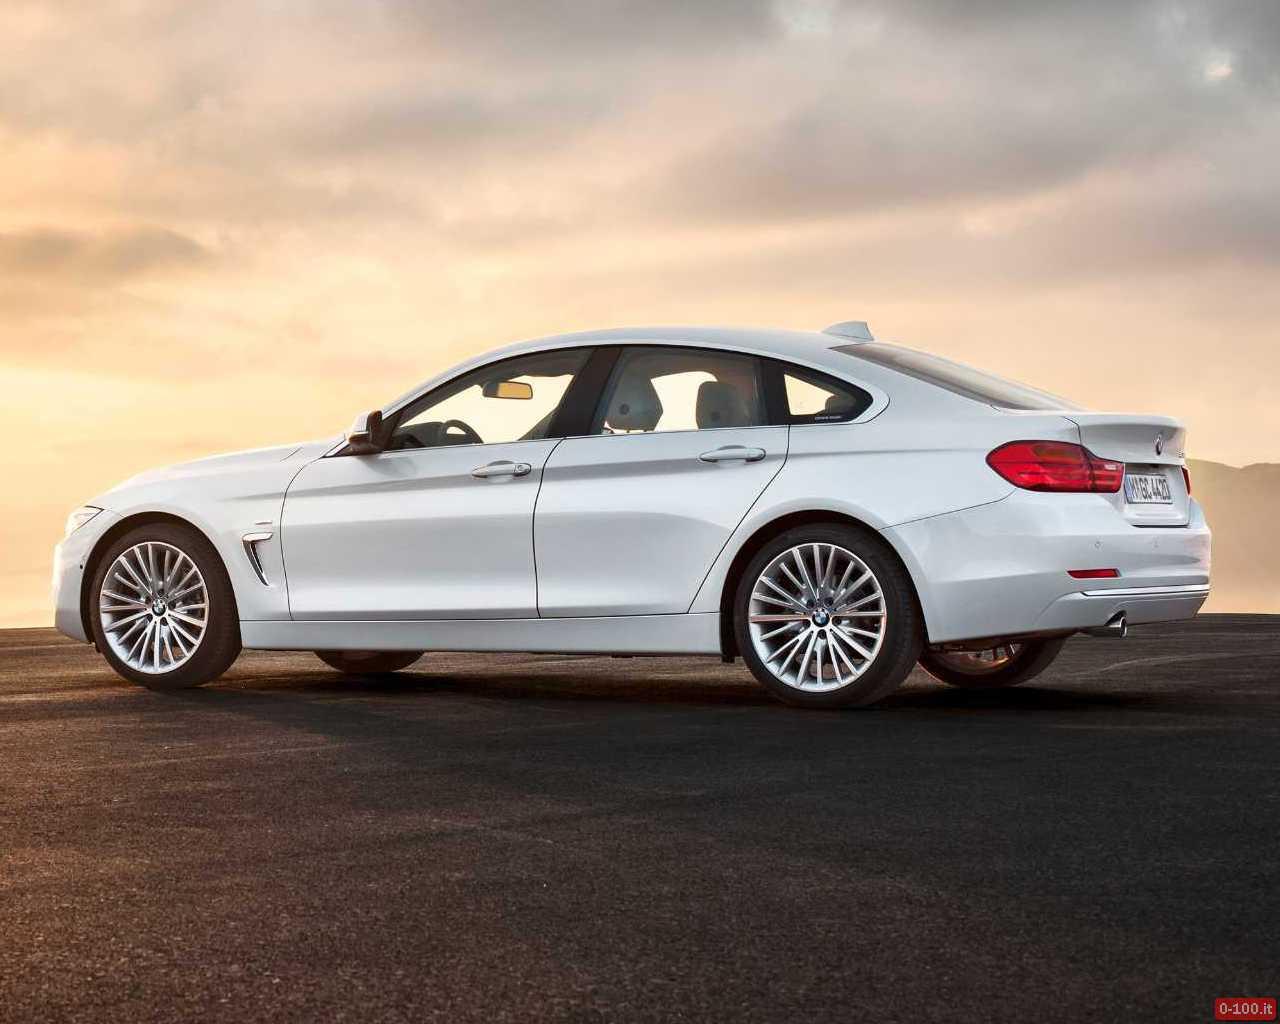 bmw-serie-4-gran-coupe-prezzo-price-ginevra-geneve-2014-0-100_32